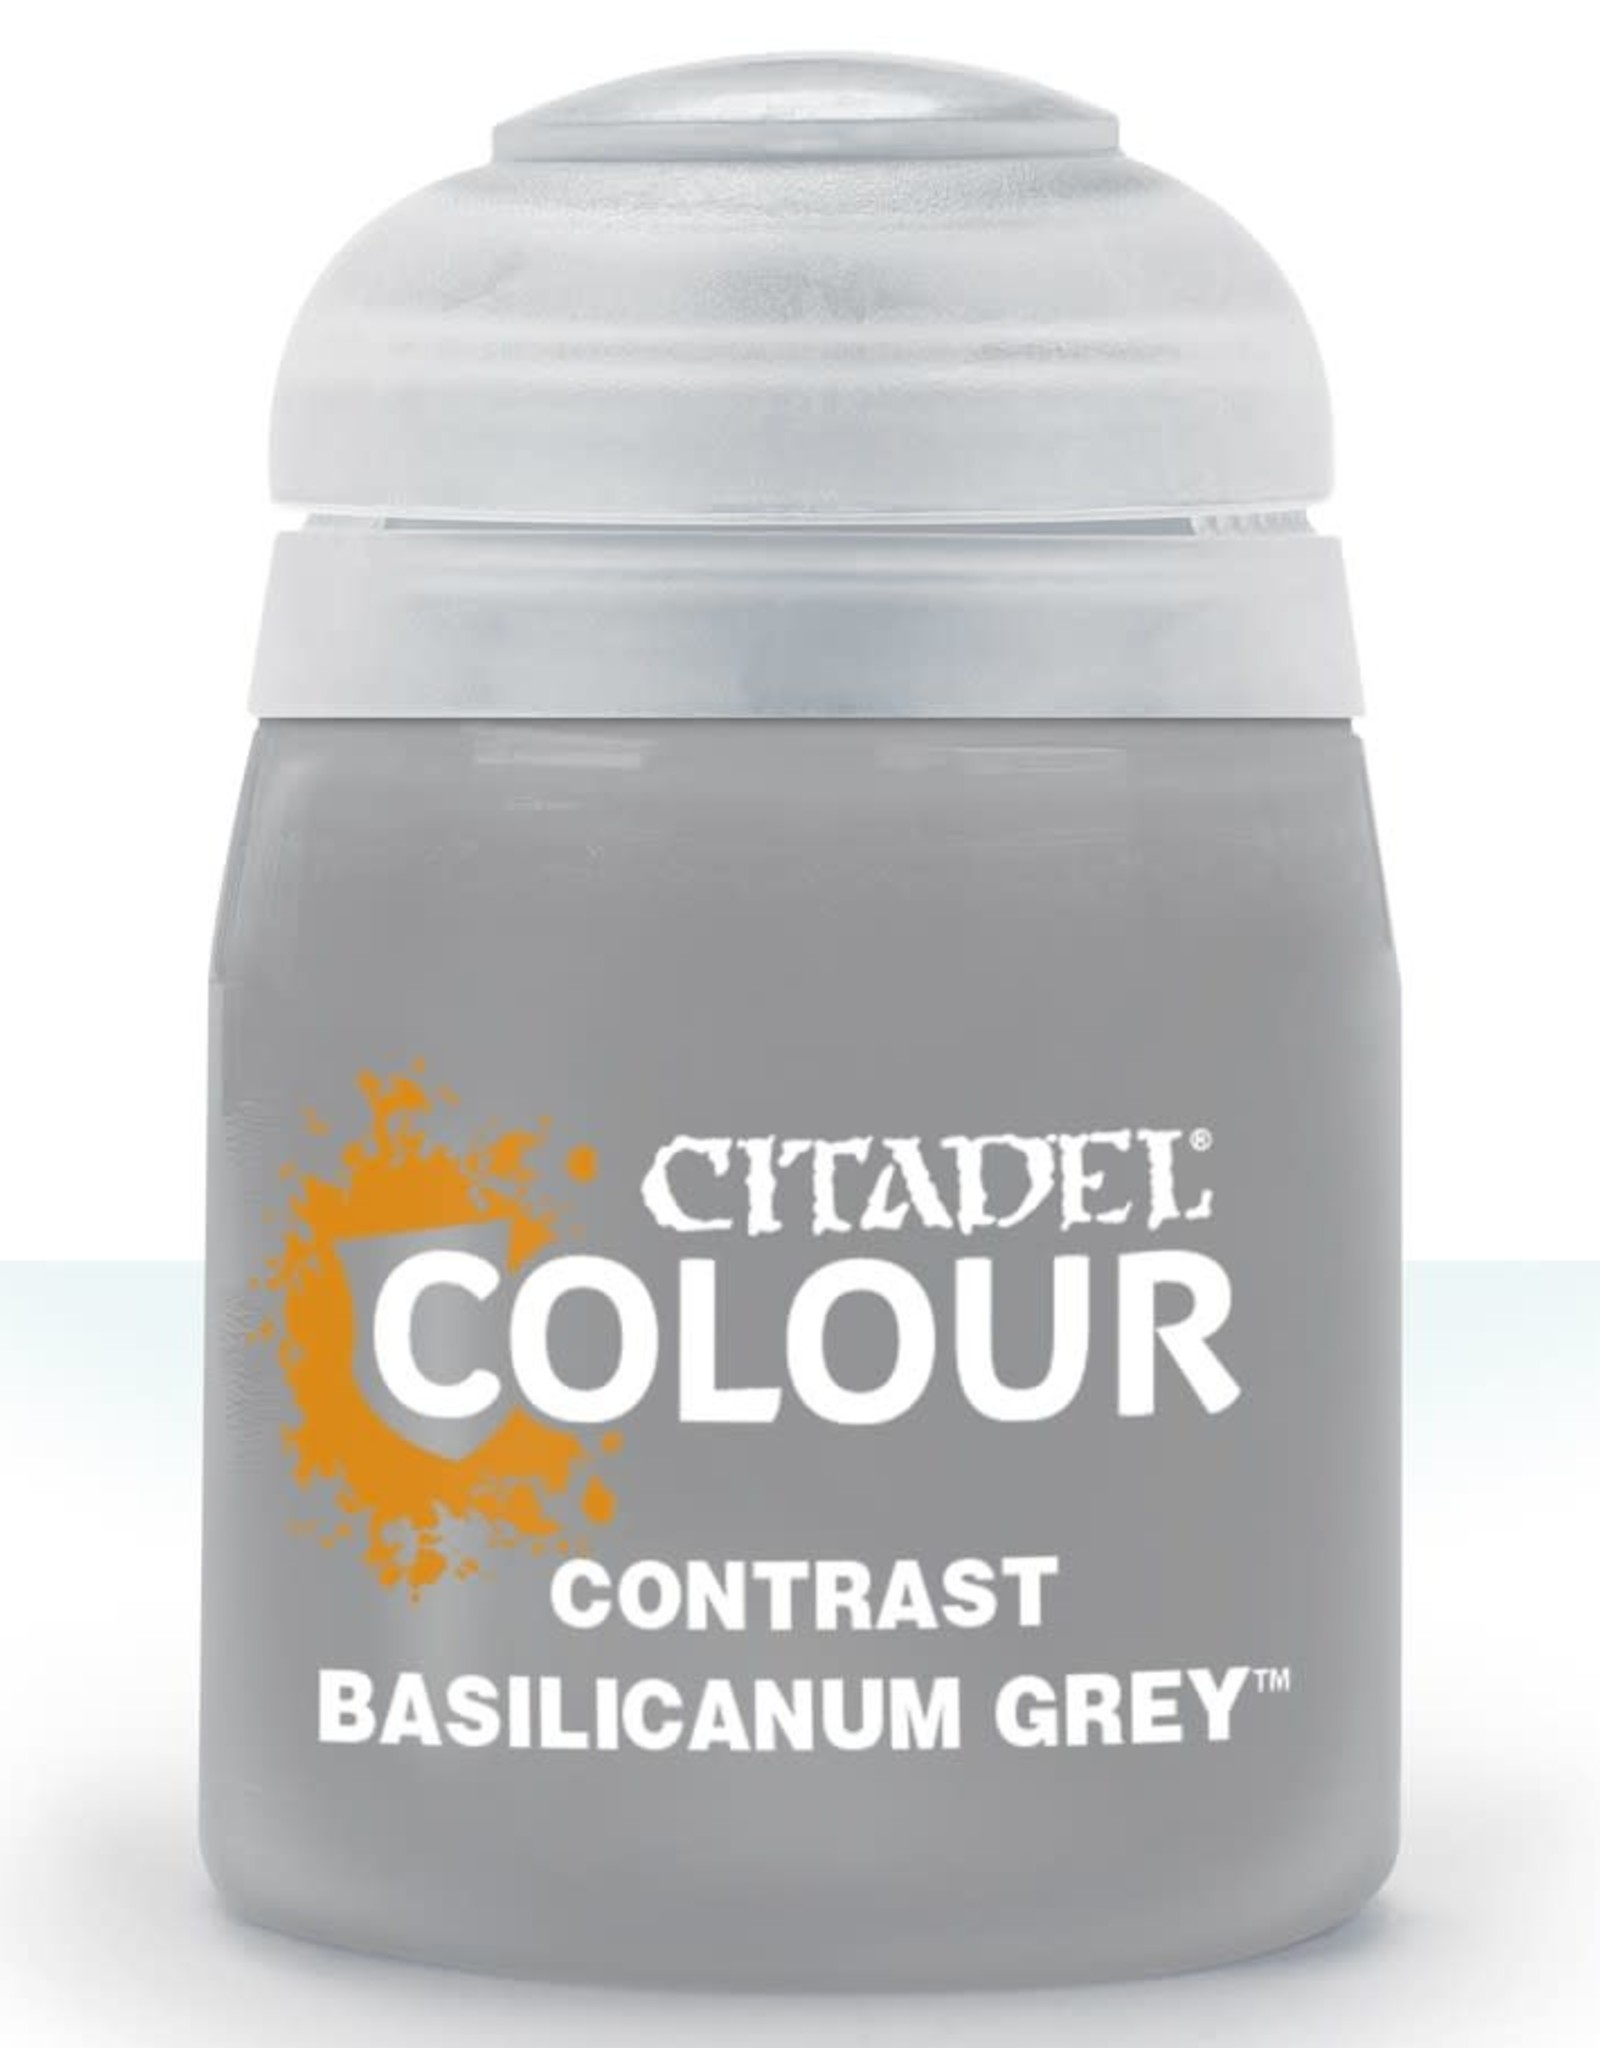 Citadel Contrast Paint: Basilicanum Grey